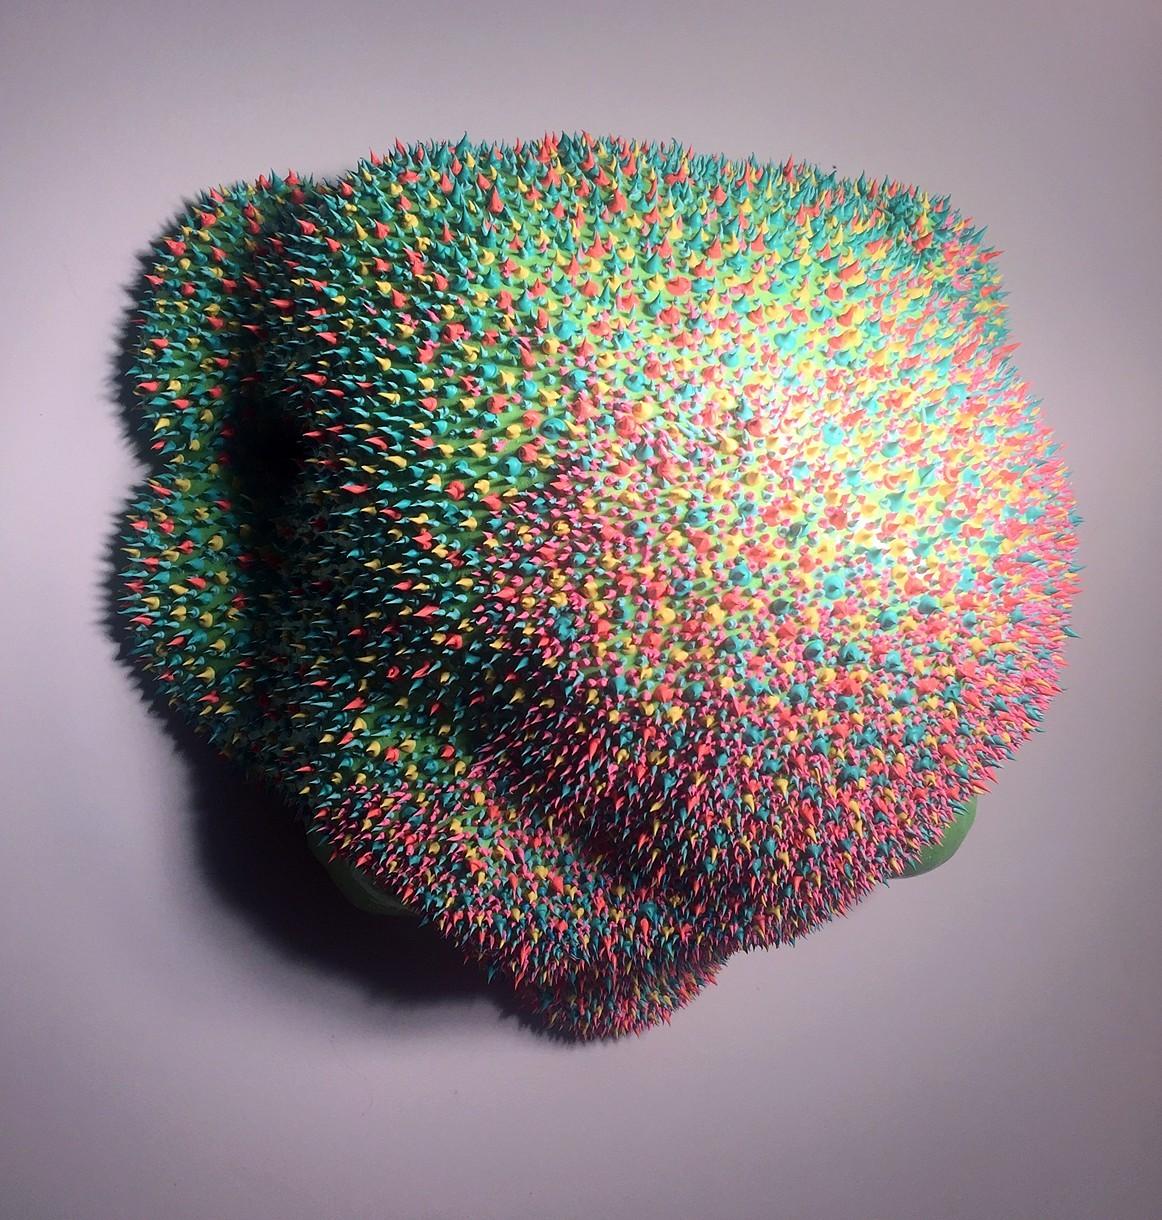 Les-Organismes-étranges-de-Dan-Lam-02